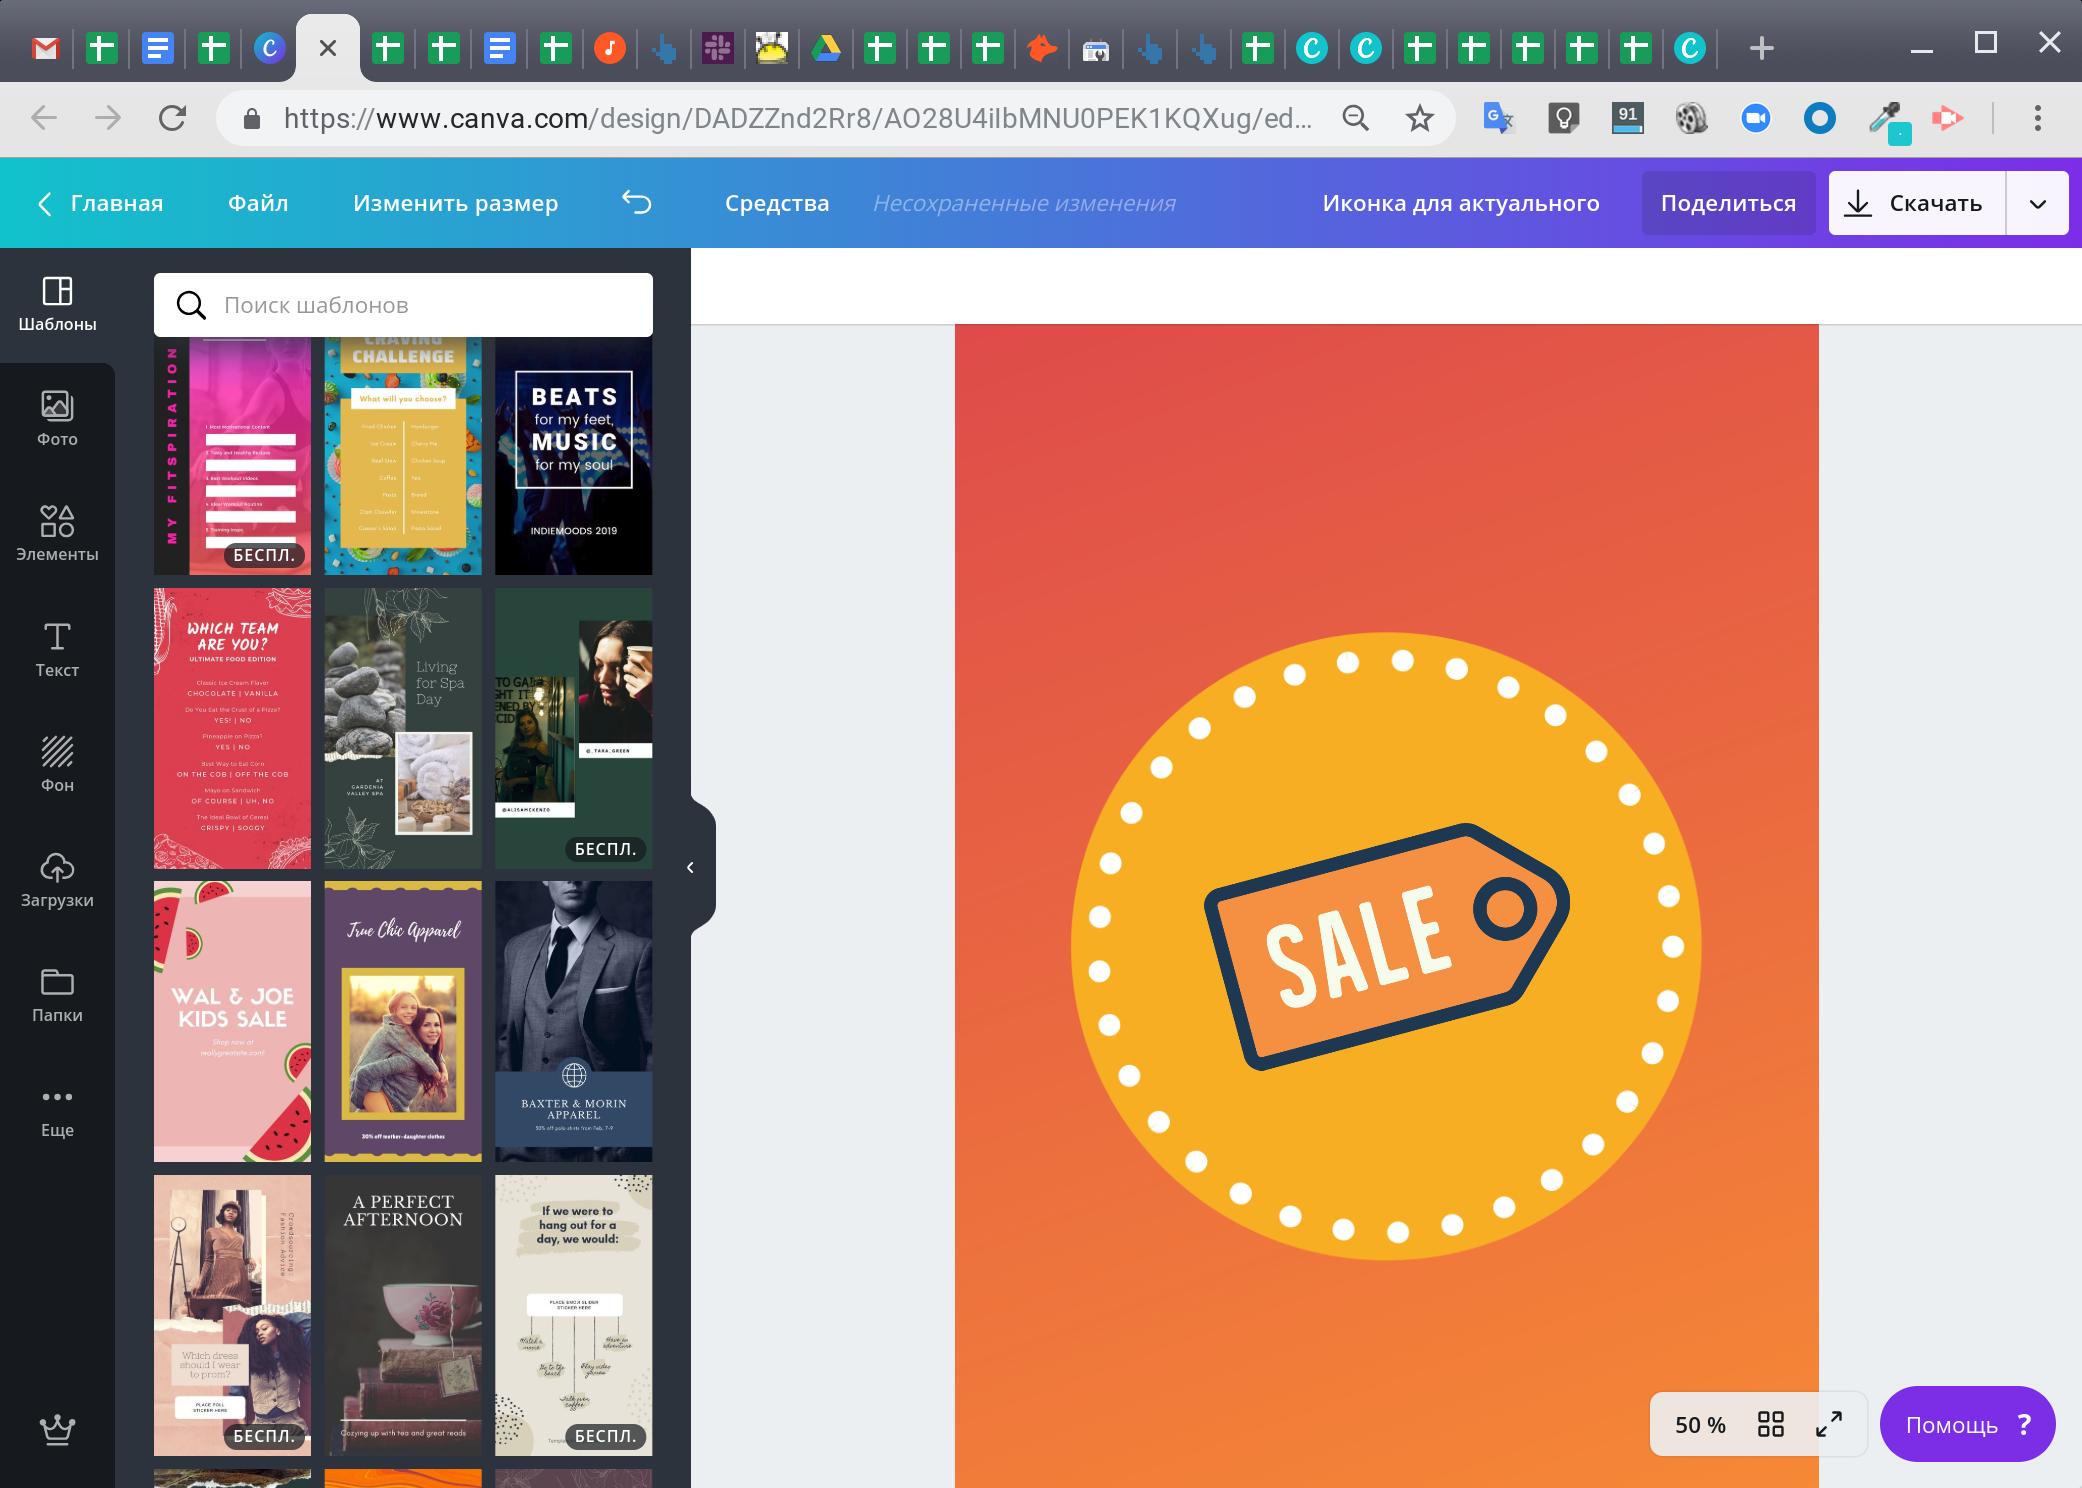 Создание иконки для Инстаграма в редакторе на русском языке